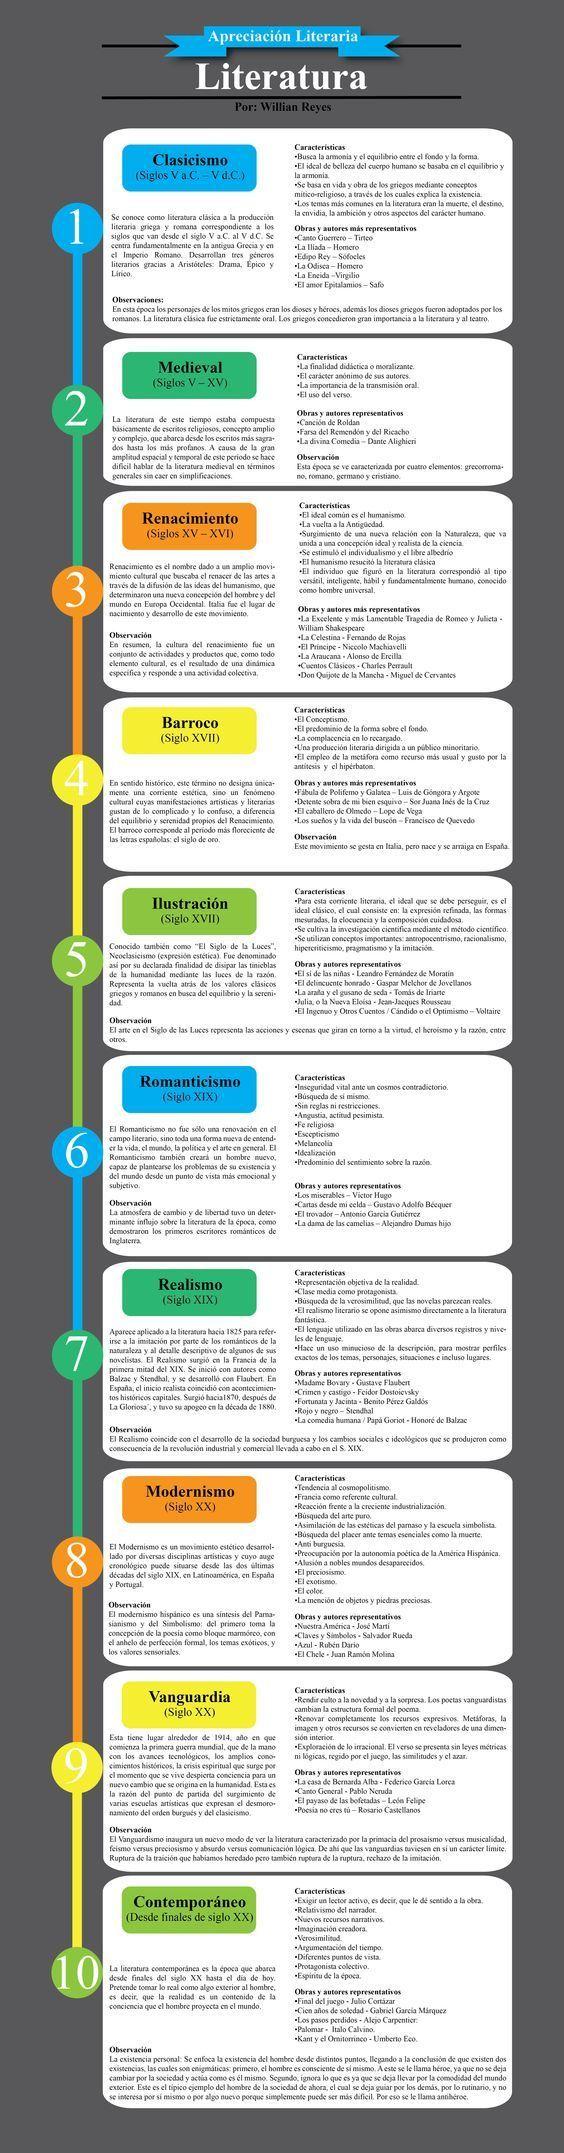 Literatura - Epocas: Descubra Lendas da Literatura no E-Book Gratuito em http://mundodelivros.com/e-book-25-escritores-que-mudaram-a-historia-da-literatura/